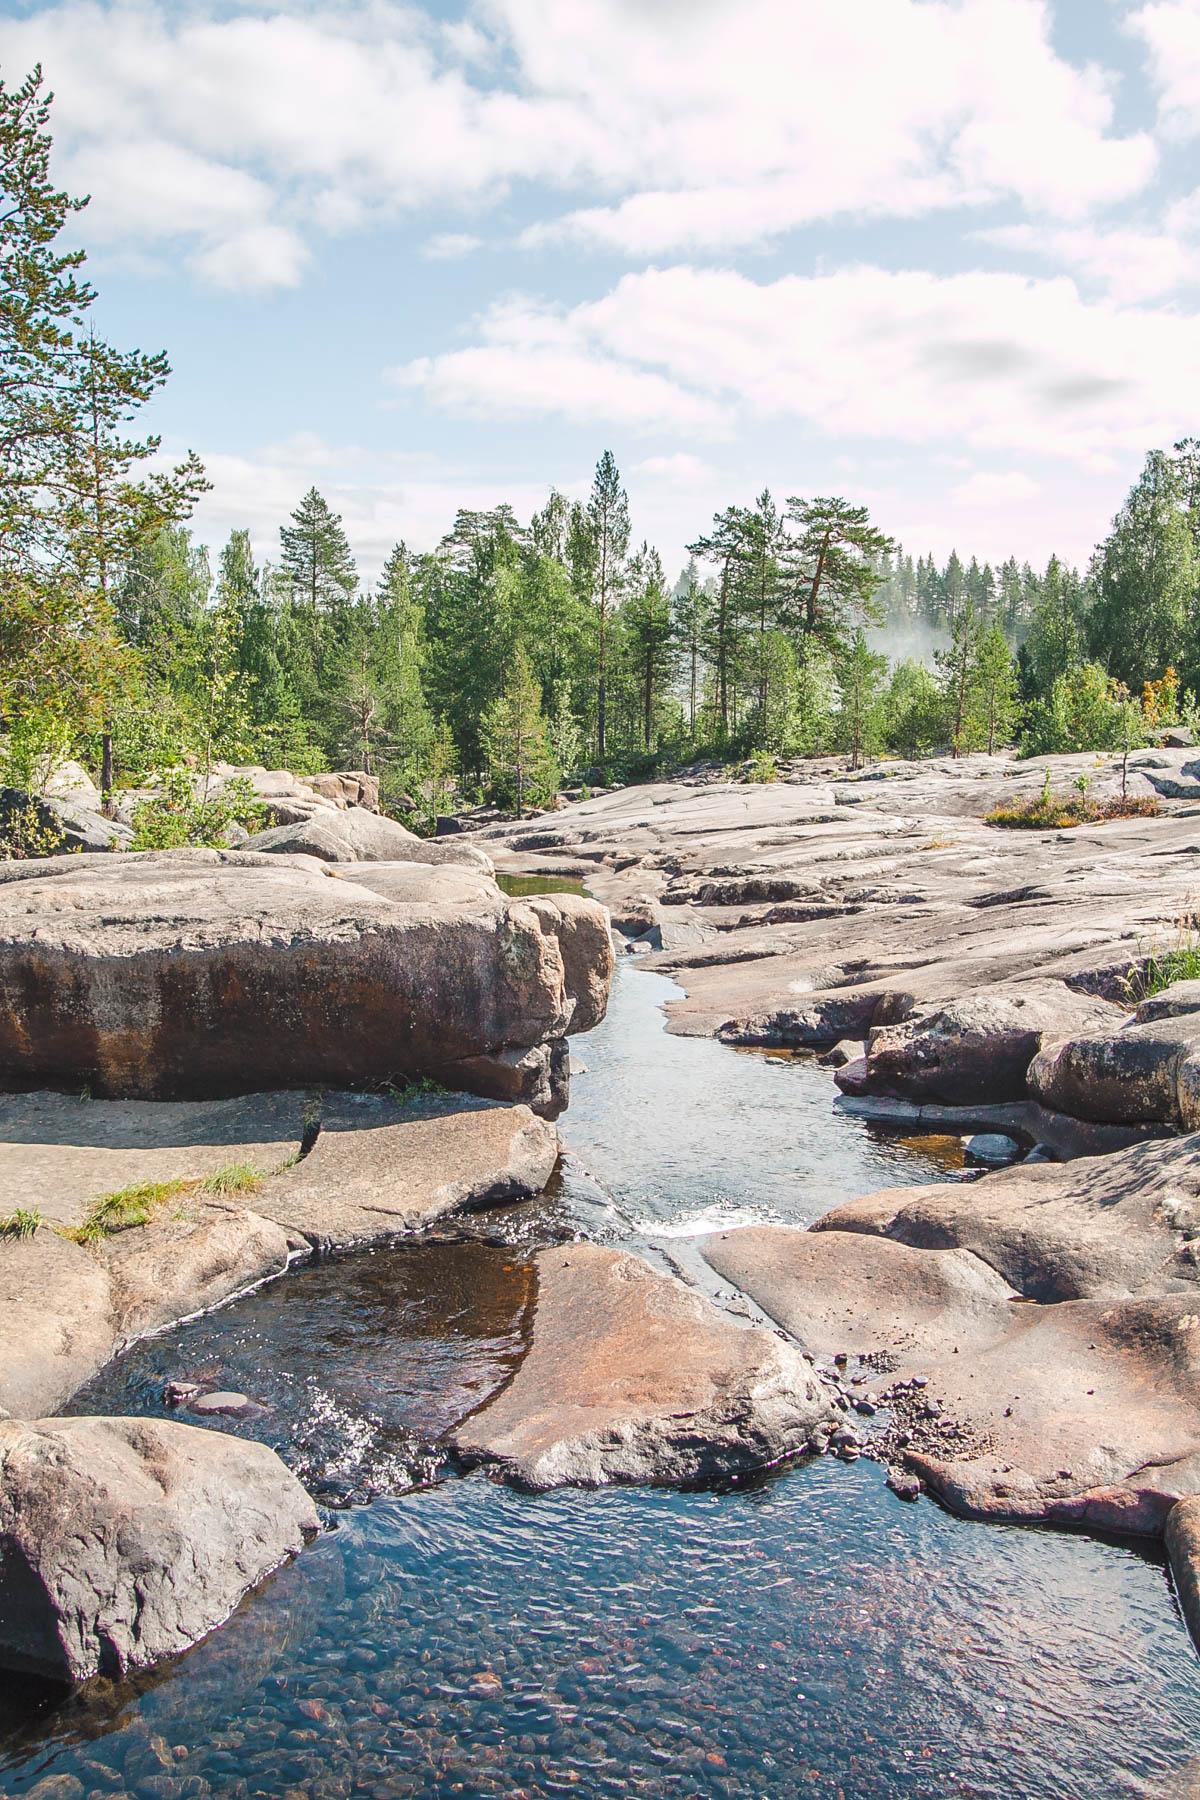 szwecja atrakcje